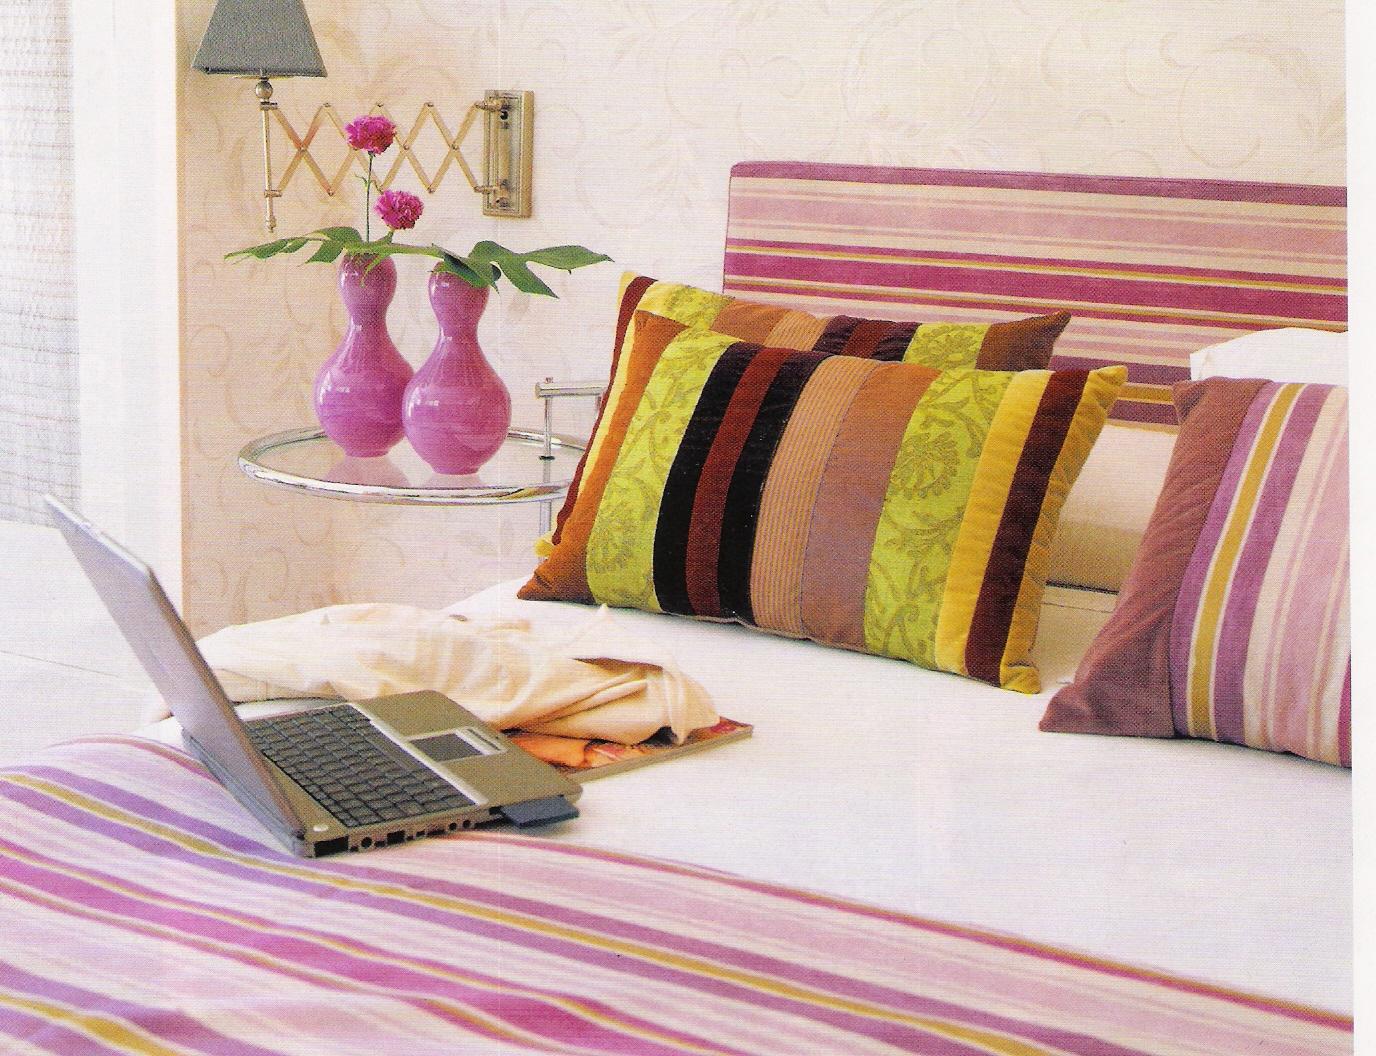 dormitorios podemos definir un estilo concreto que son los dormitorios